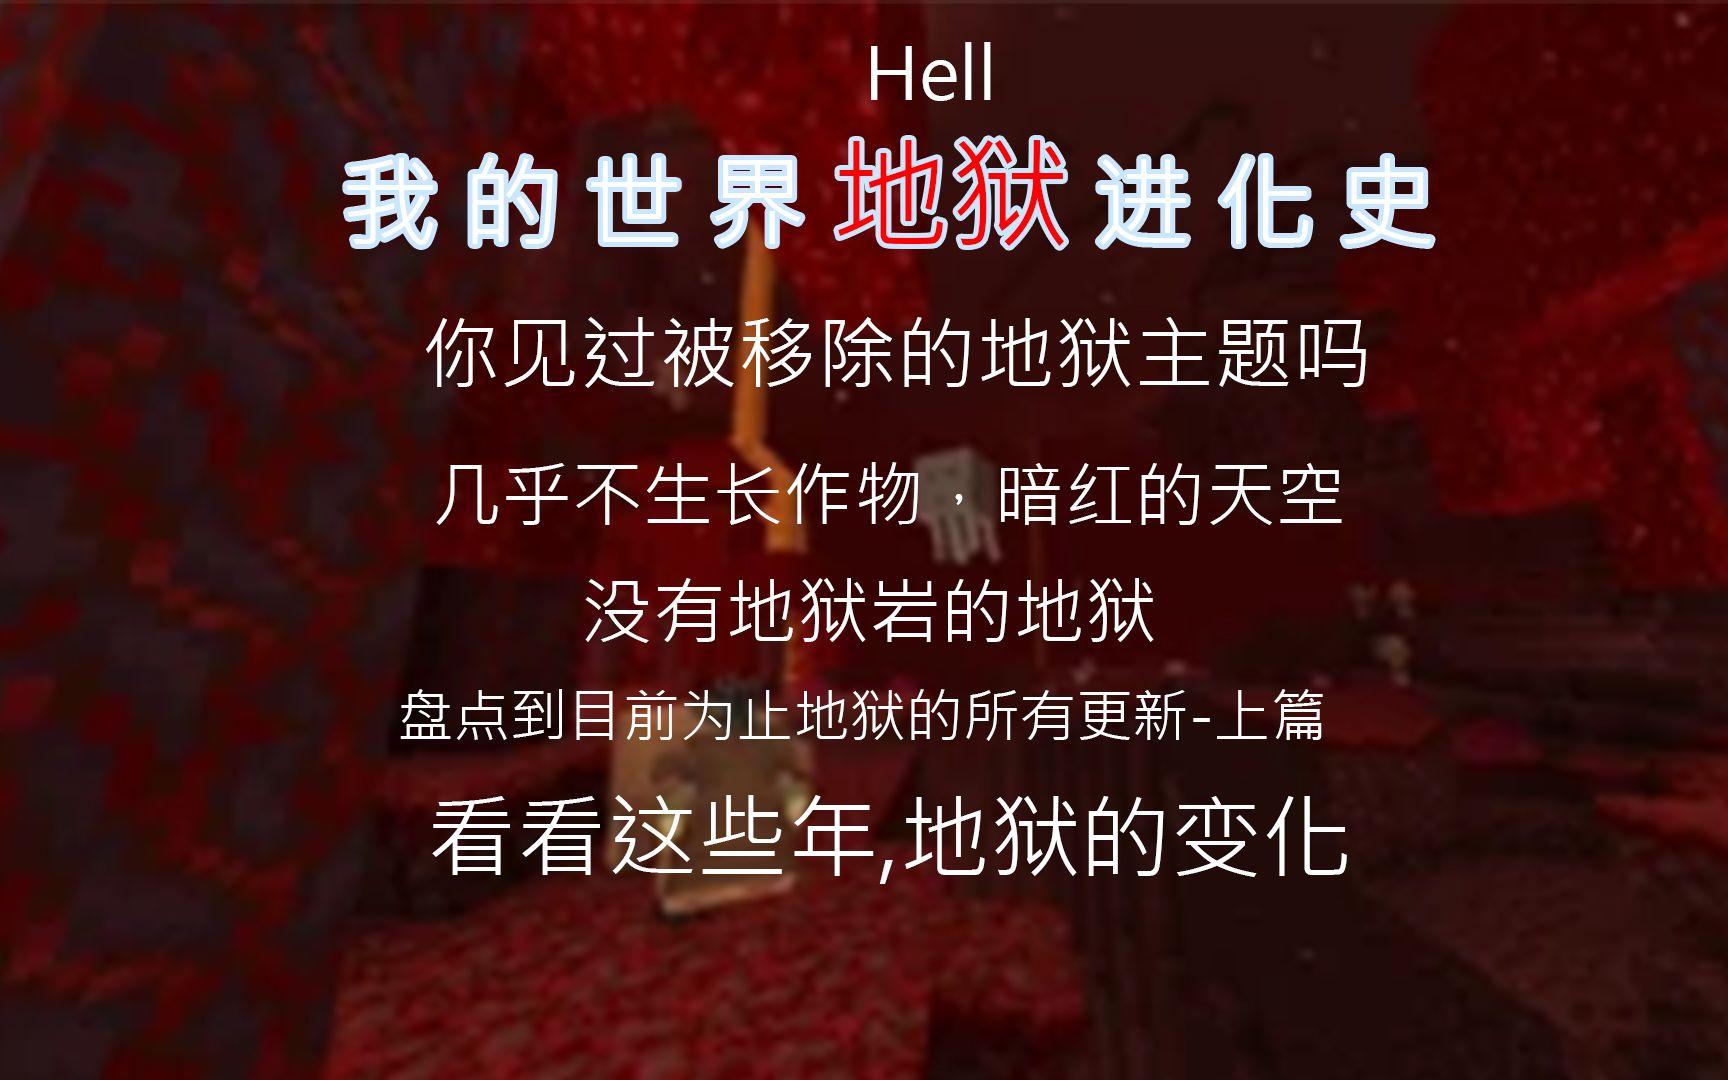 我的世界地狱进化史,据说只有1%的人见过的地狱主题,你见过吗?